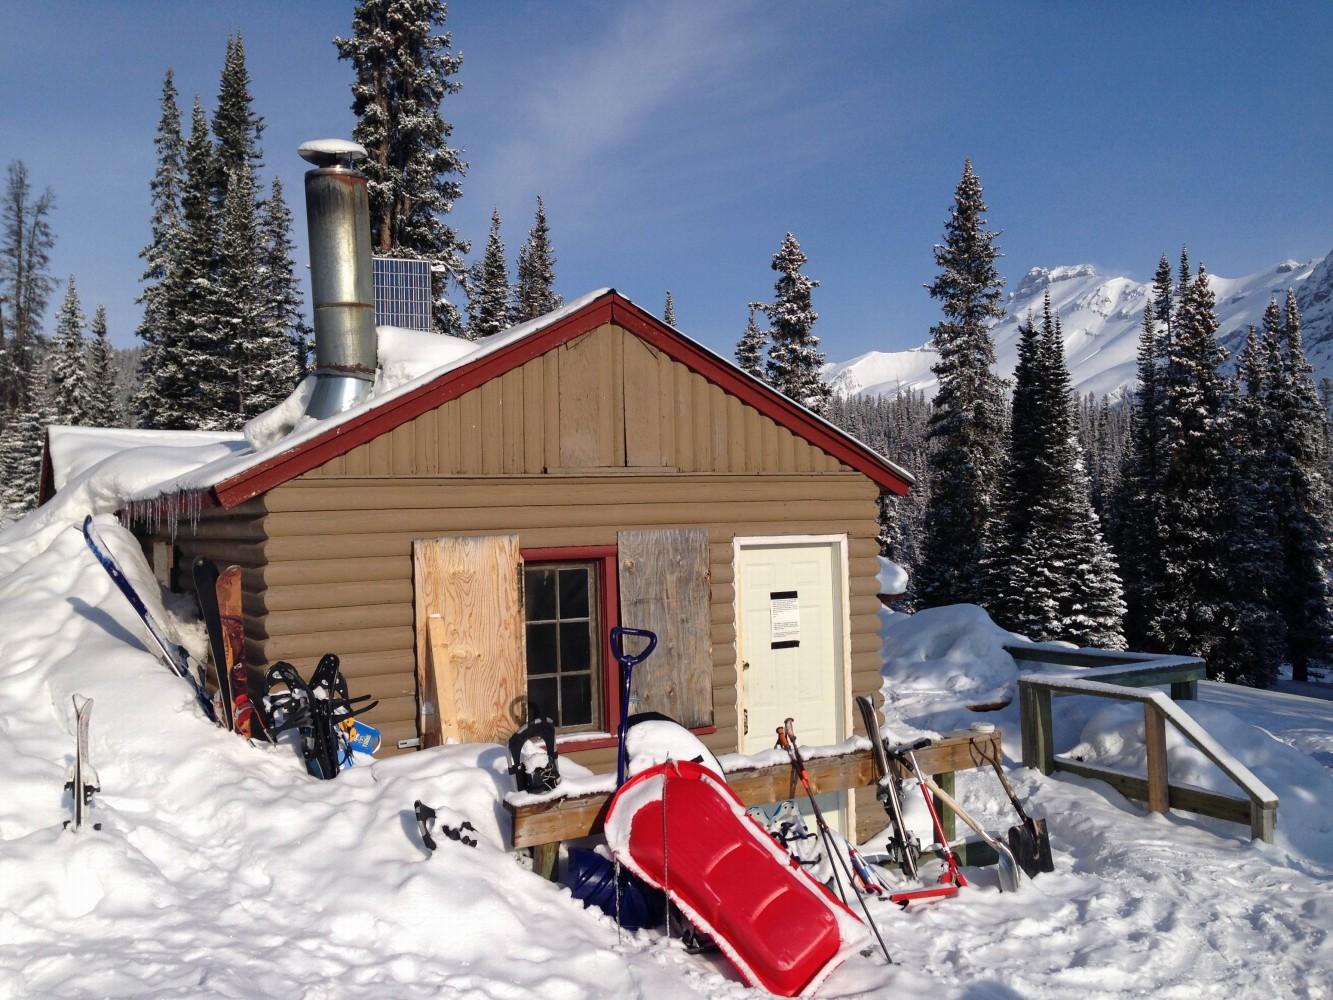 Hilda Creek Wilderness Hostel